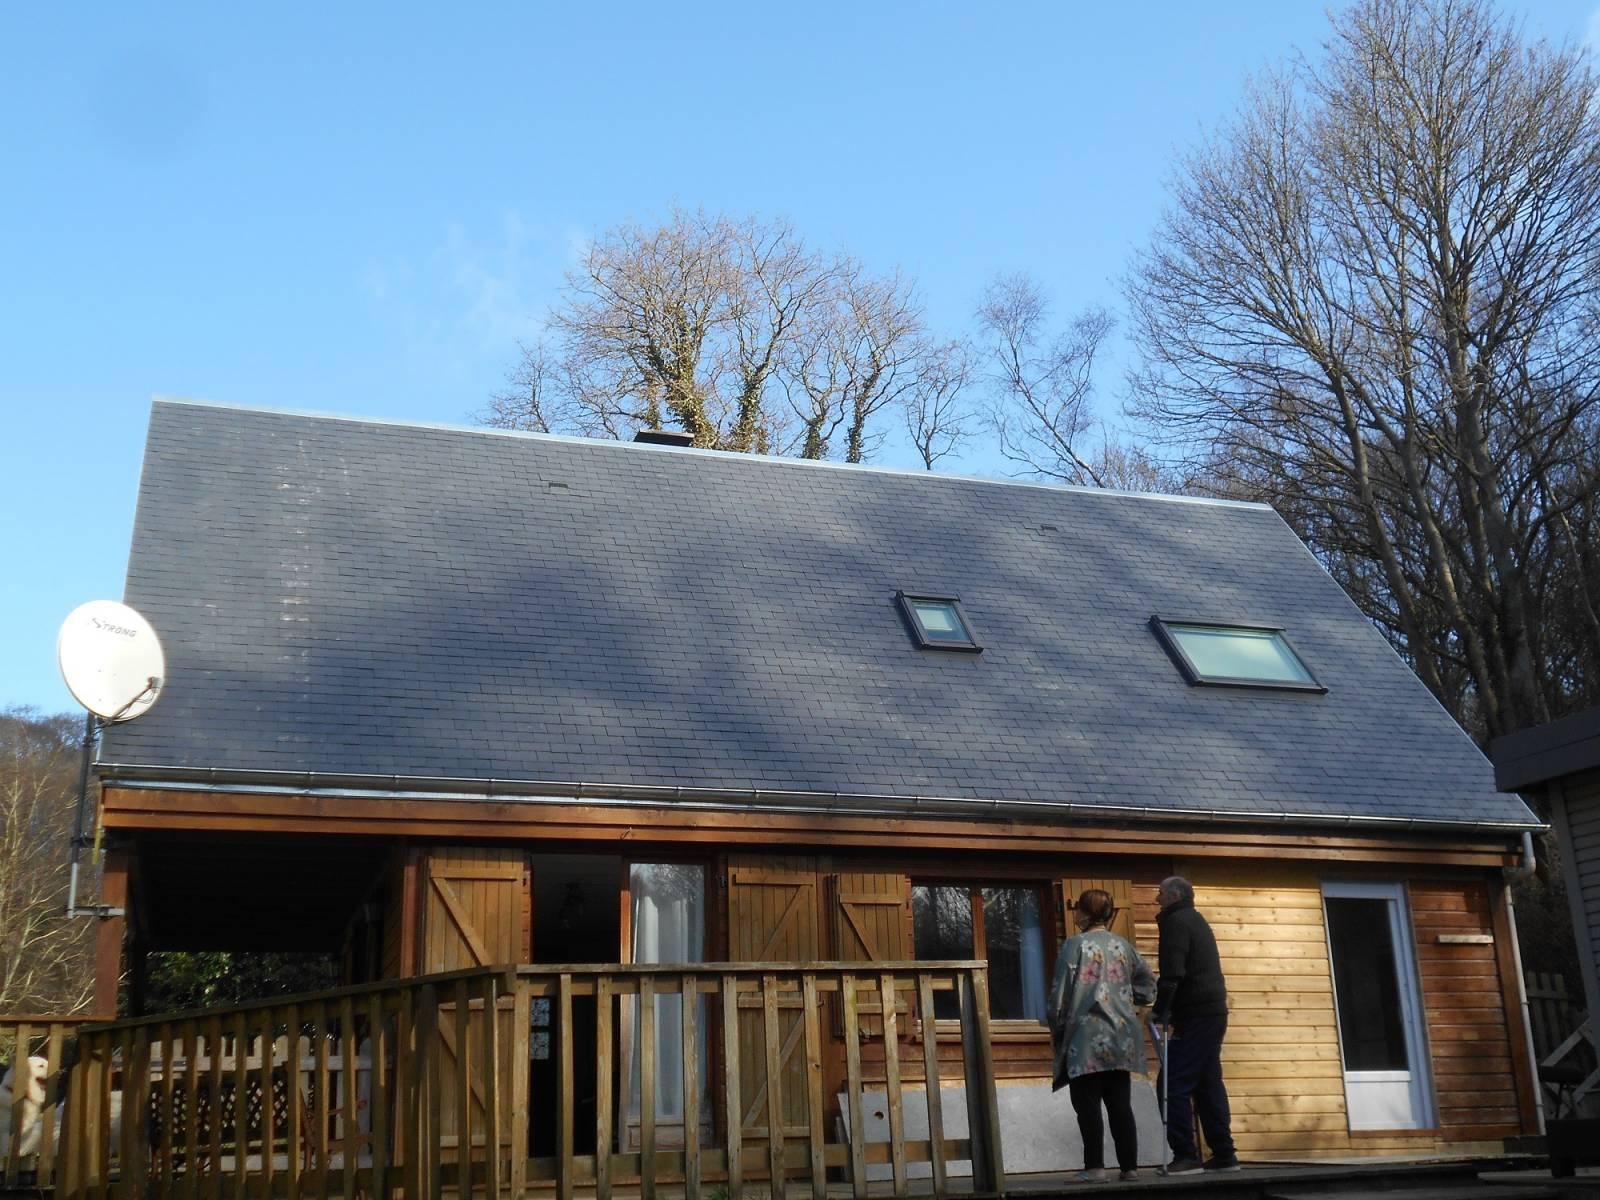 Rénover votre toiture en ardoises par un artisan qualifié ...